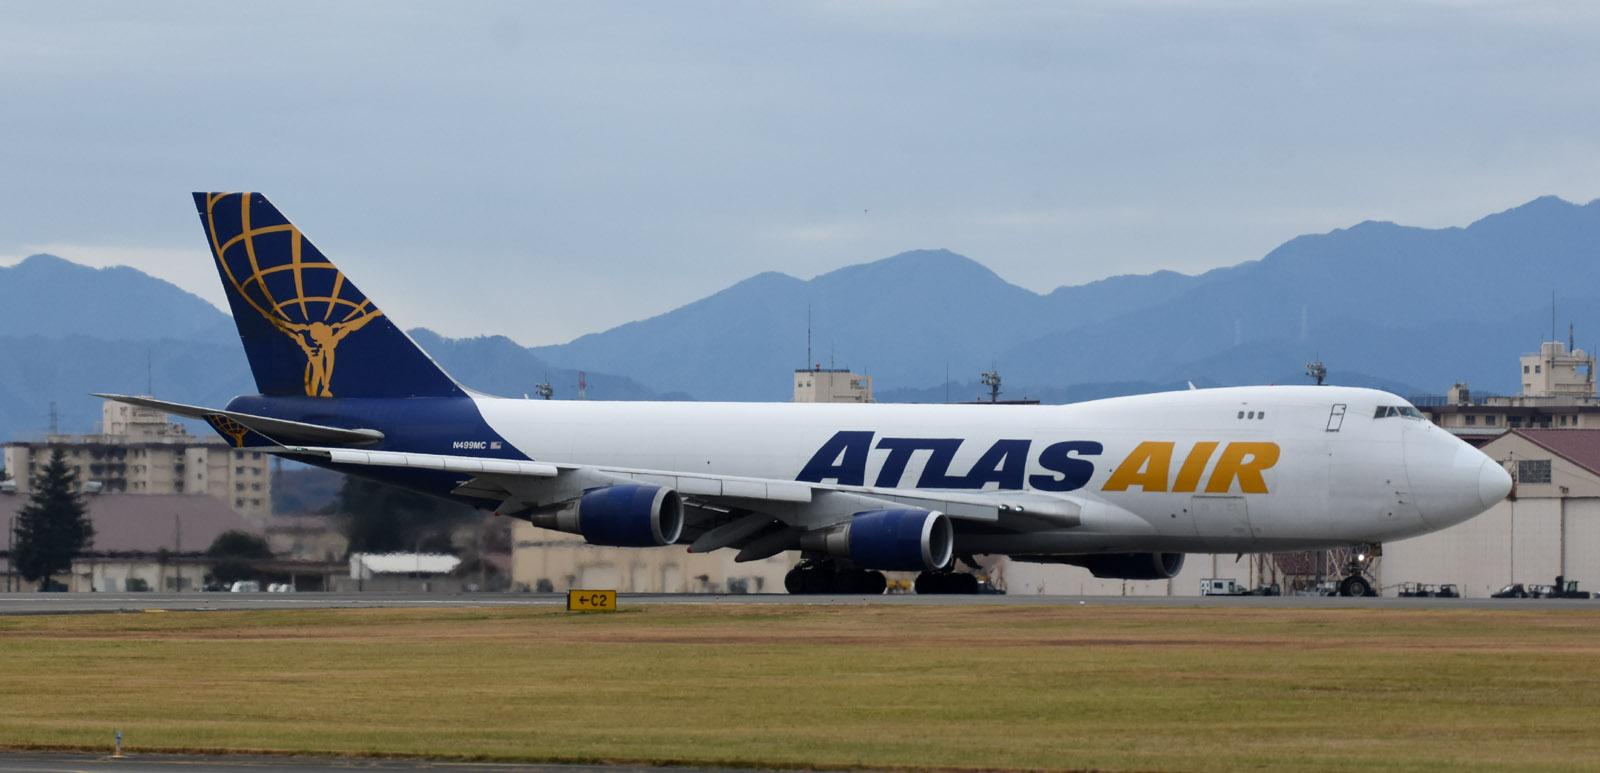 Atlas181209g371